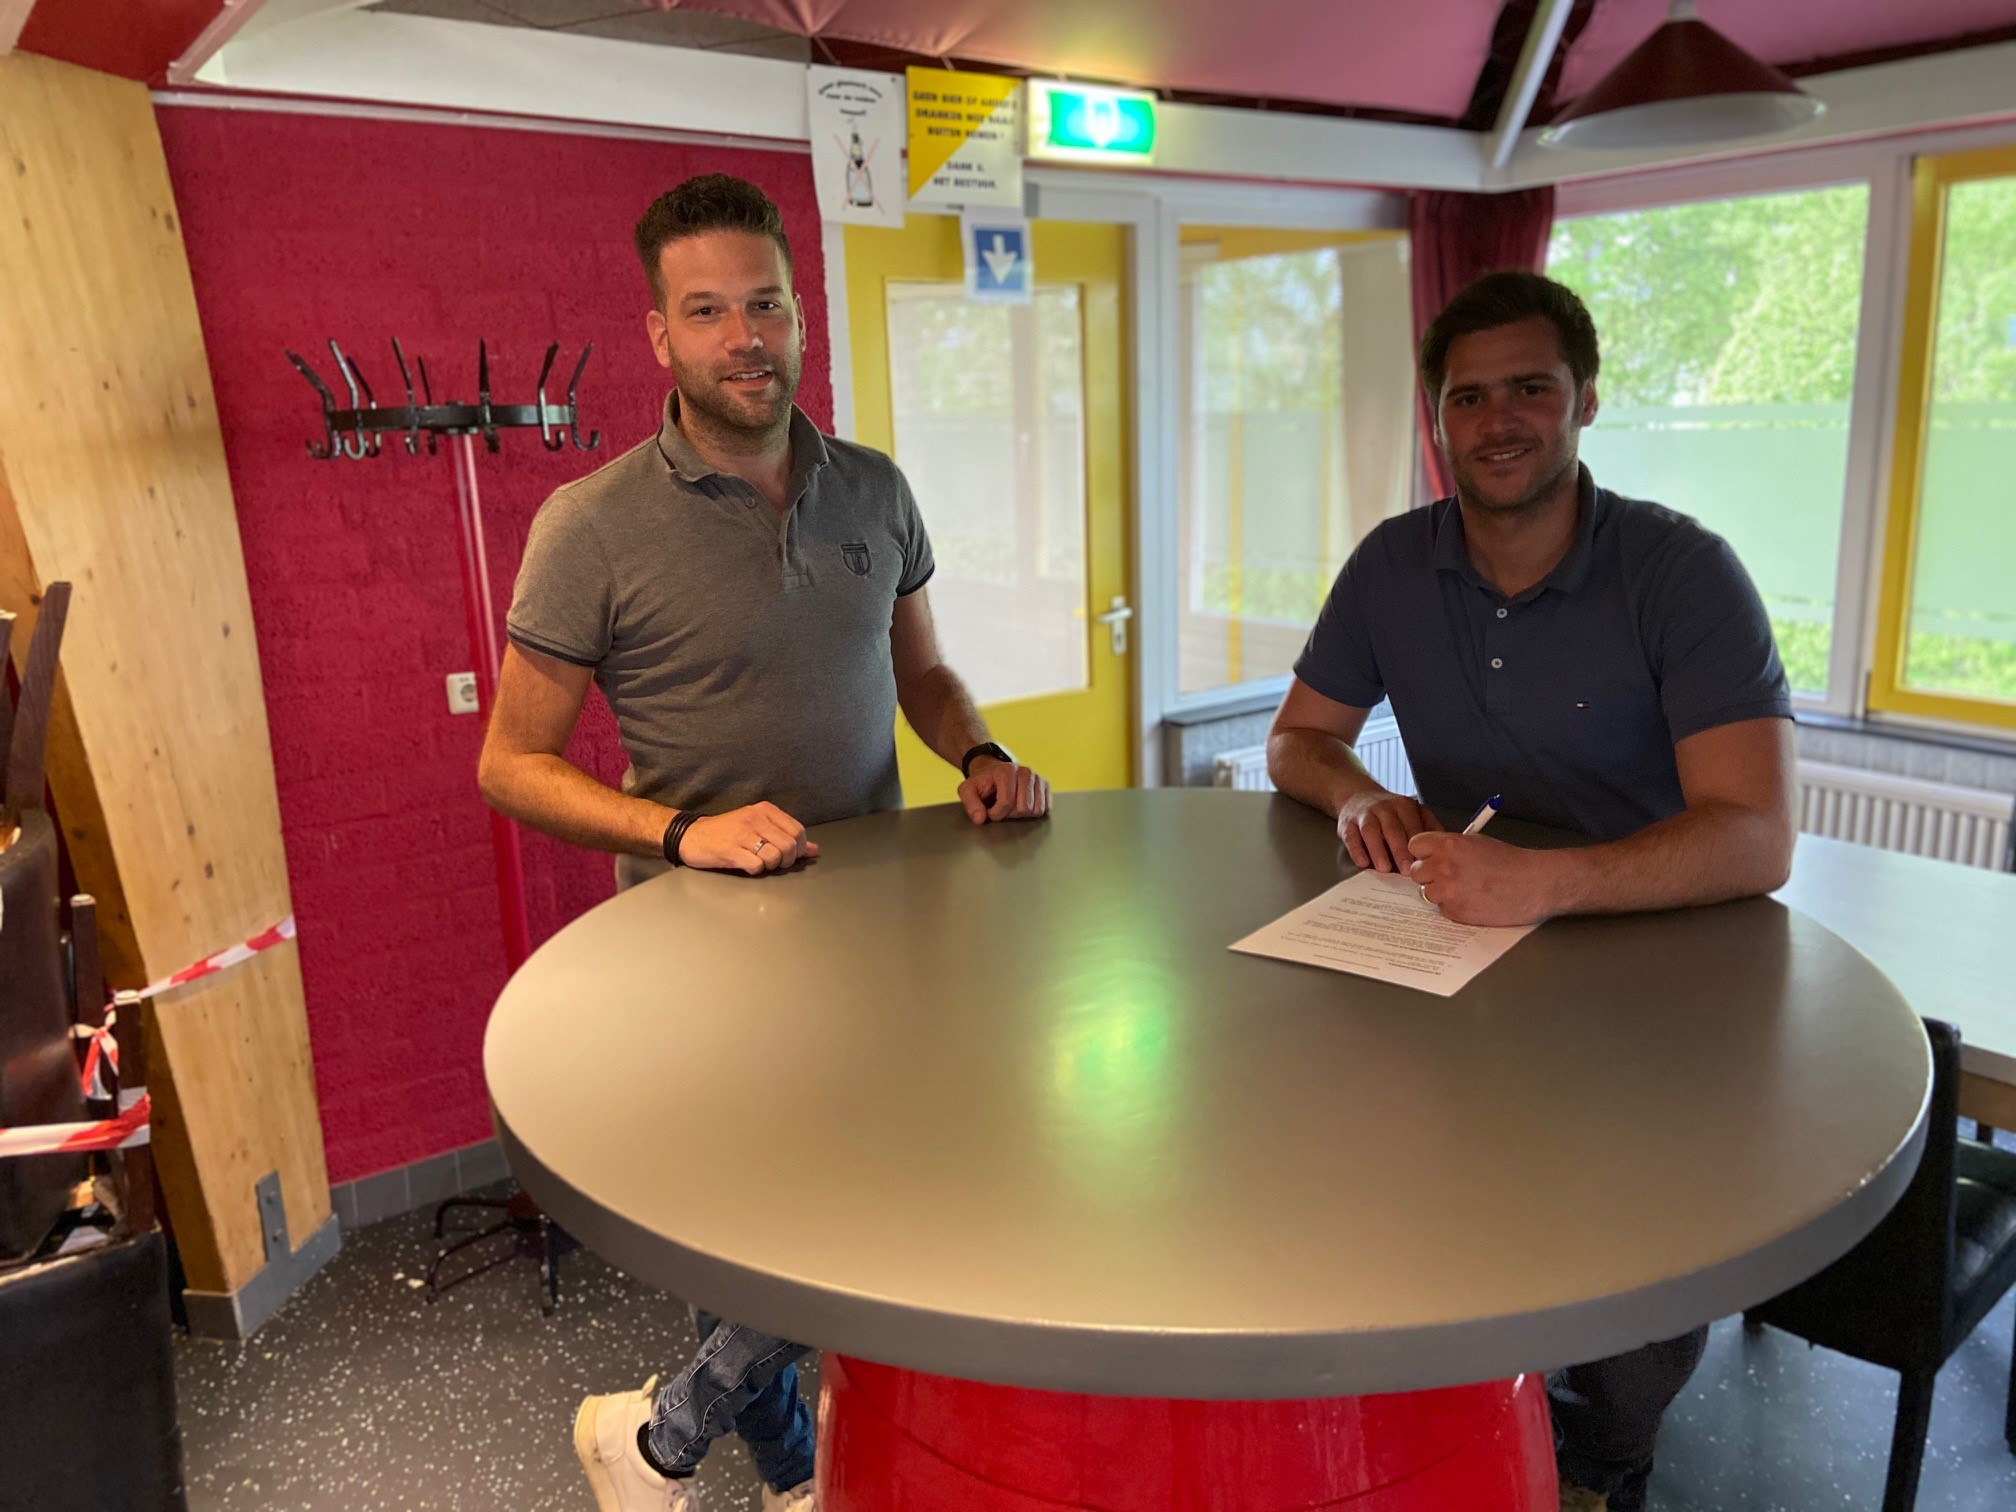 Daniél Bierings Navarrete volgt Chris van der Weide op als trainer van Spirit 3